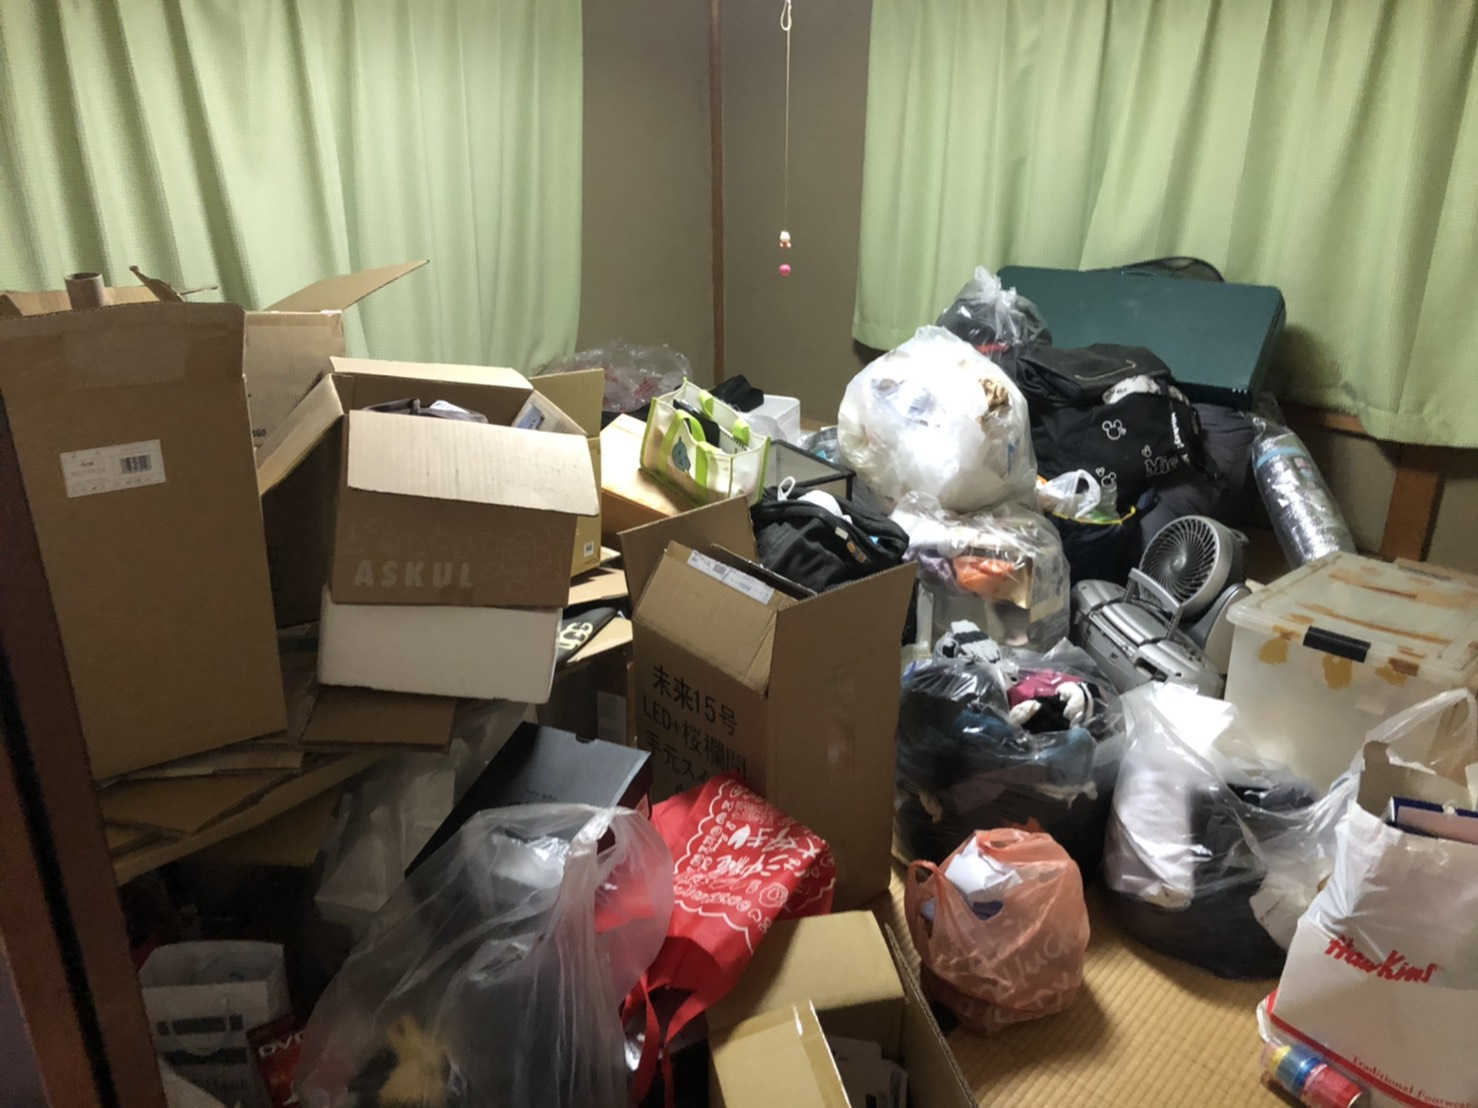 家電製品、衣類などの不用品の回収前